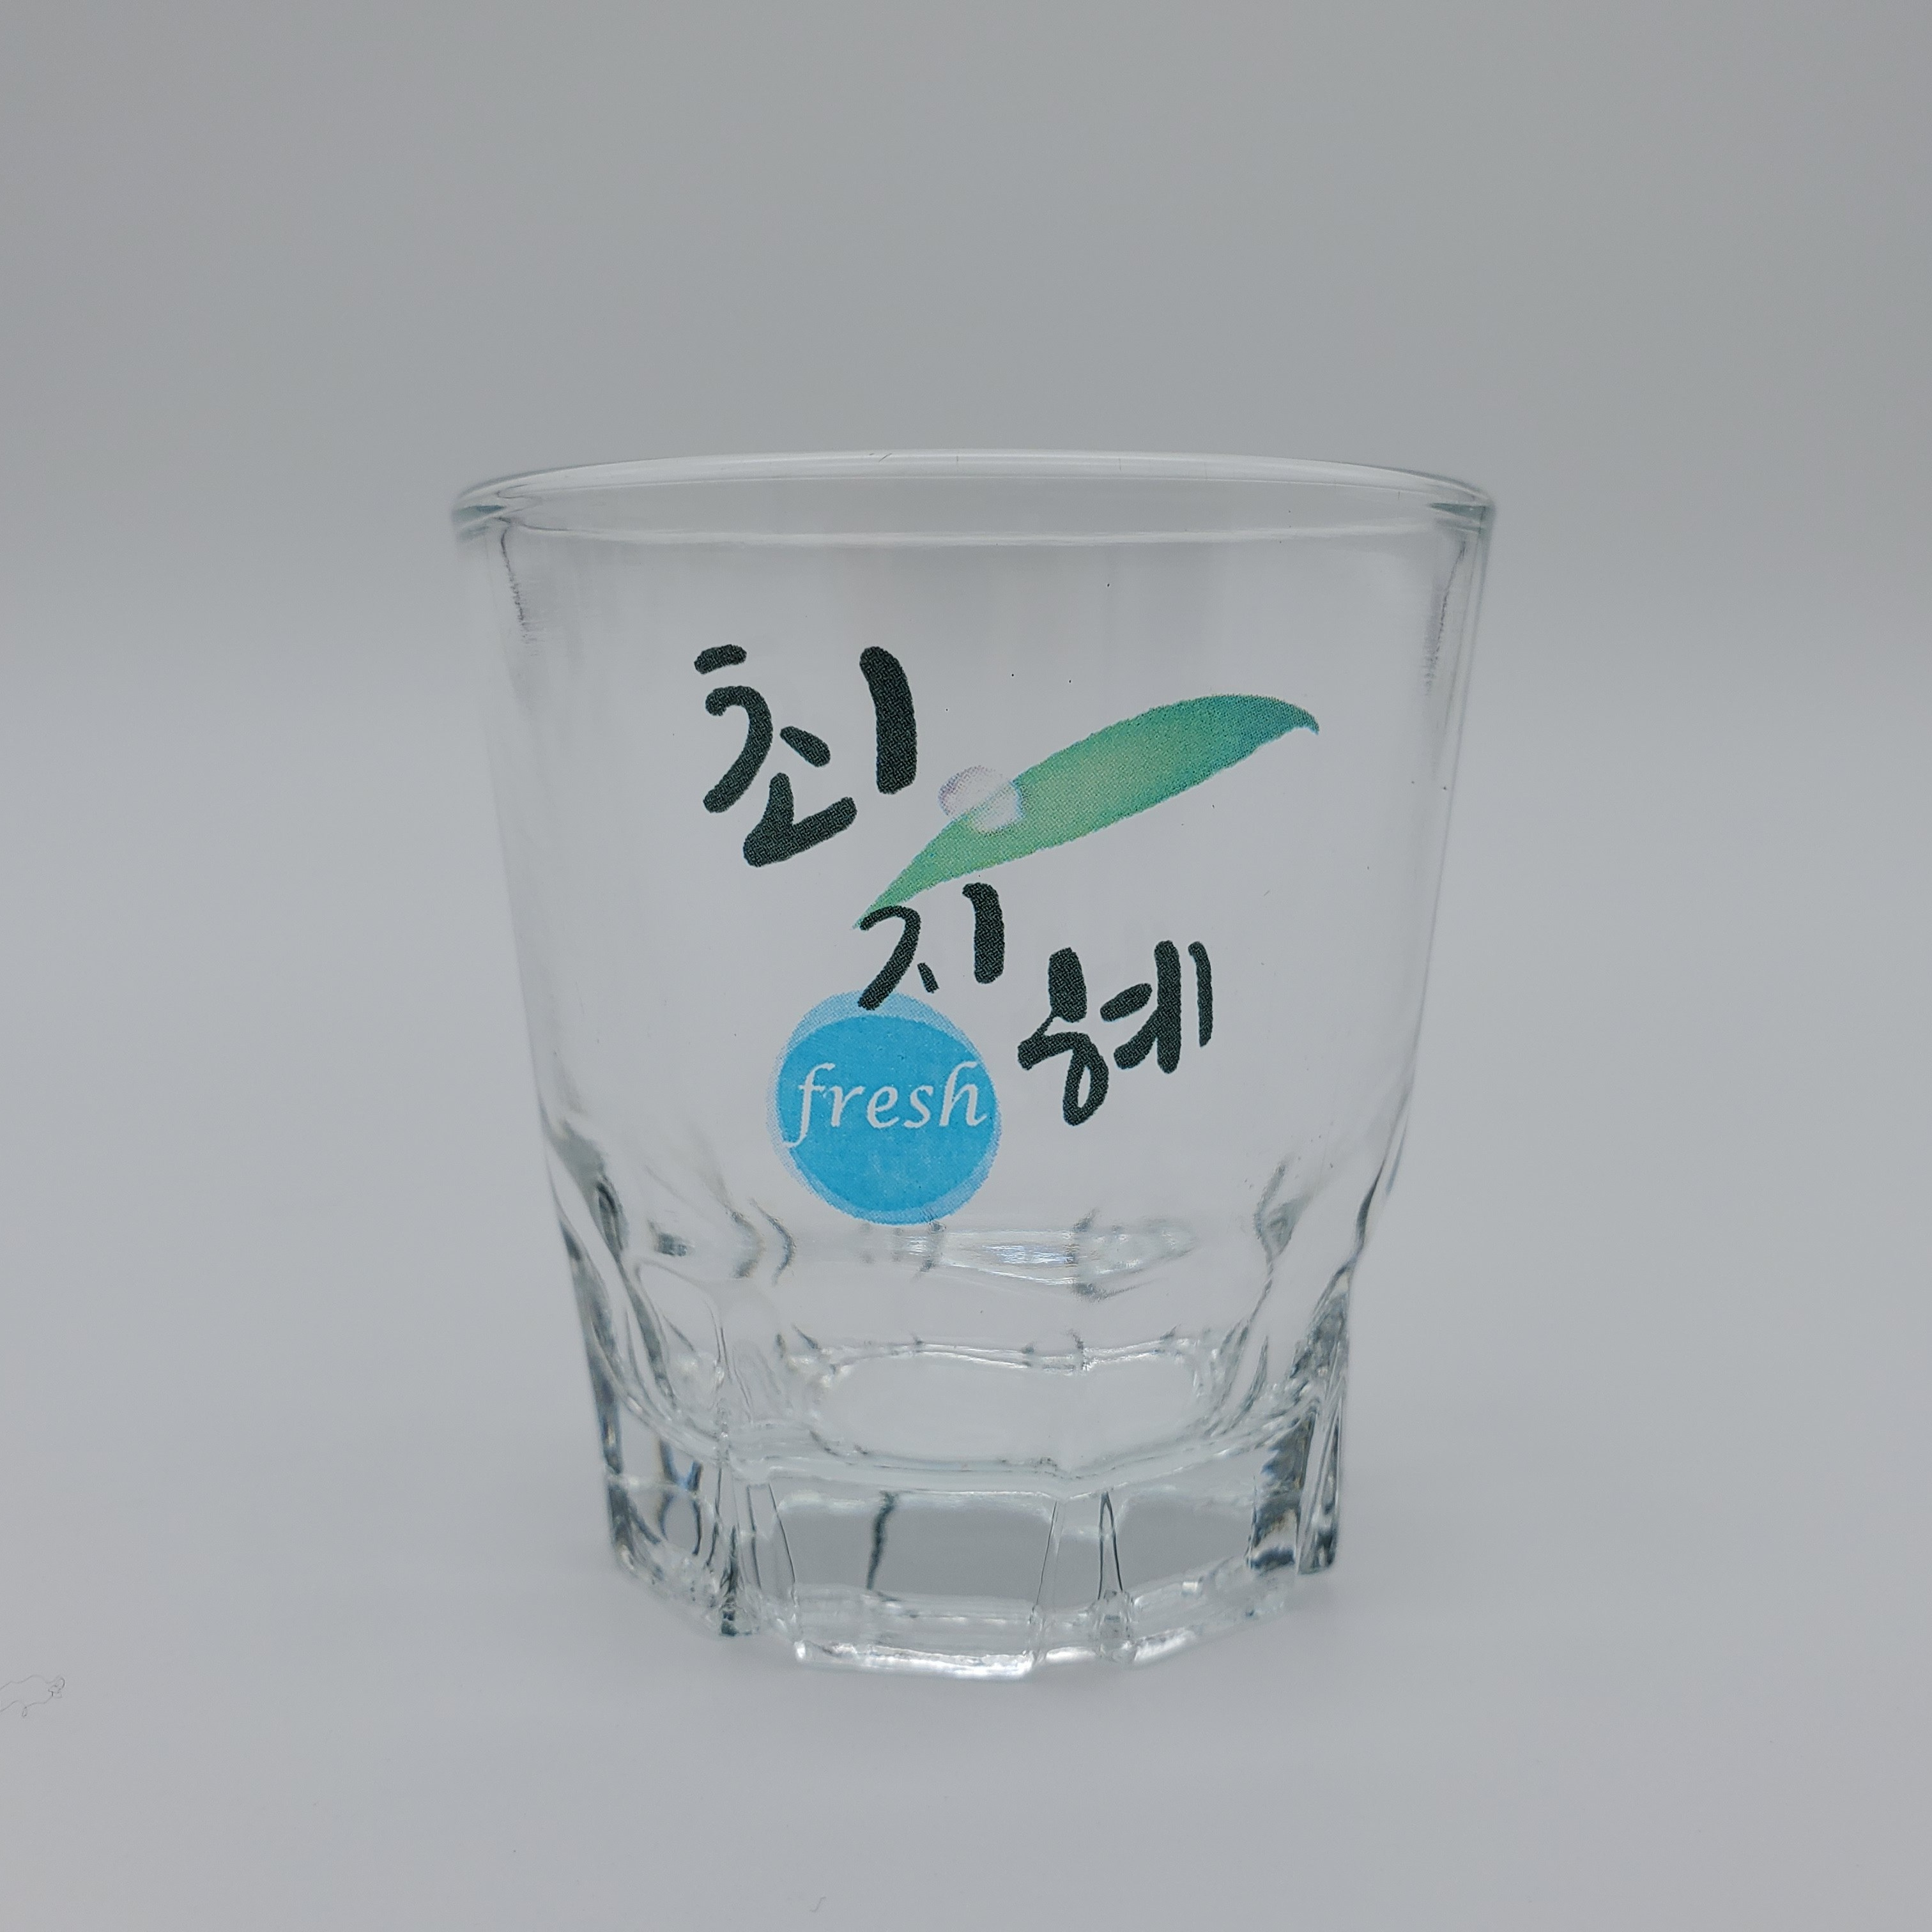 펭귄상점 소주잔 주문제작 특별한 개별맞춤 술잔, 1개, 참이슬(프레쉬)